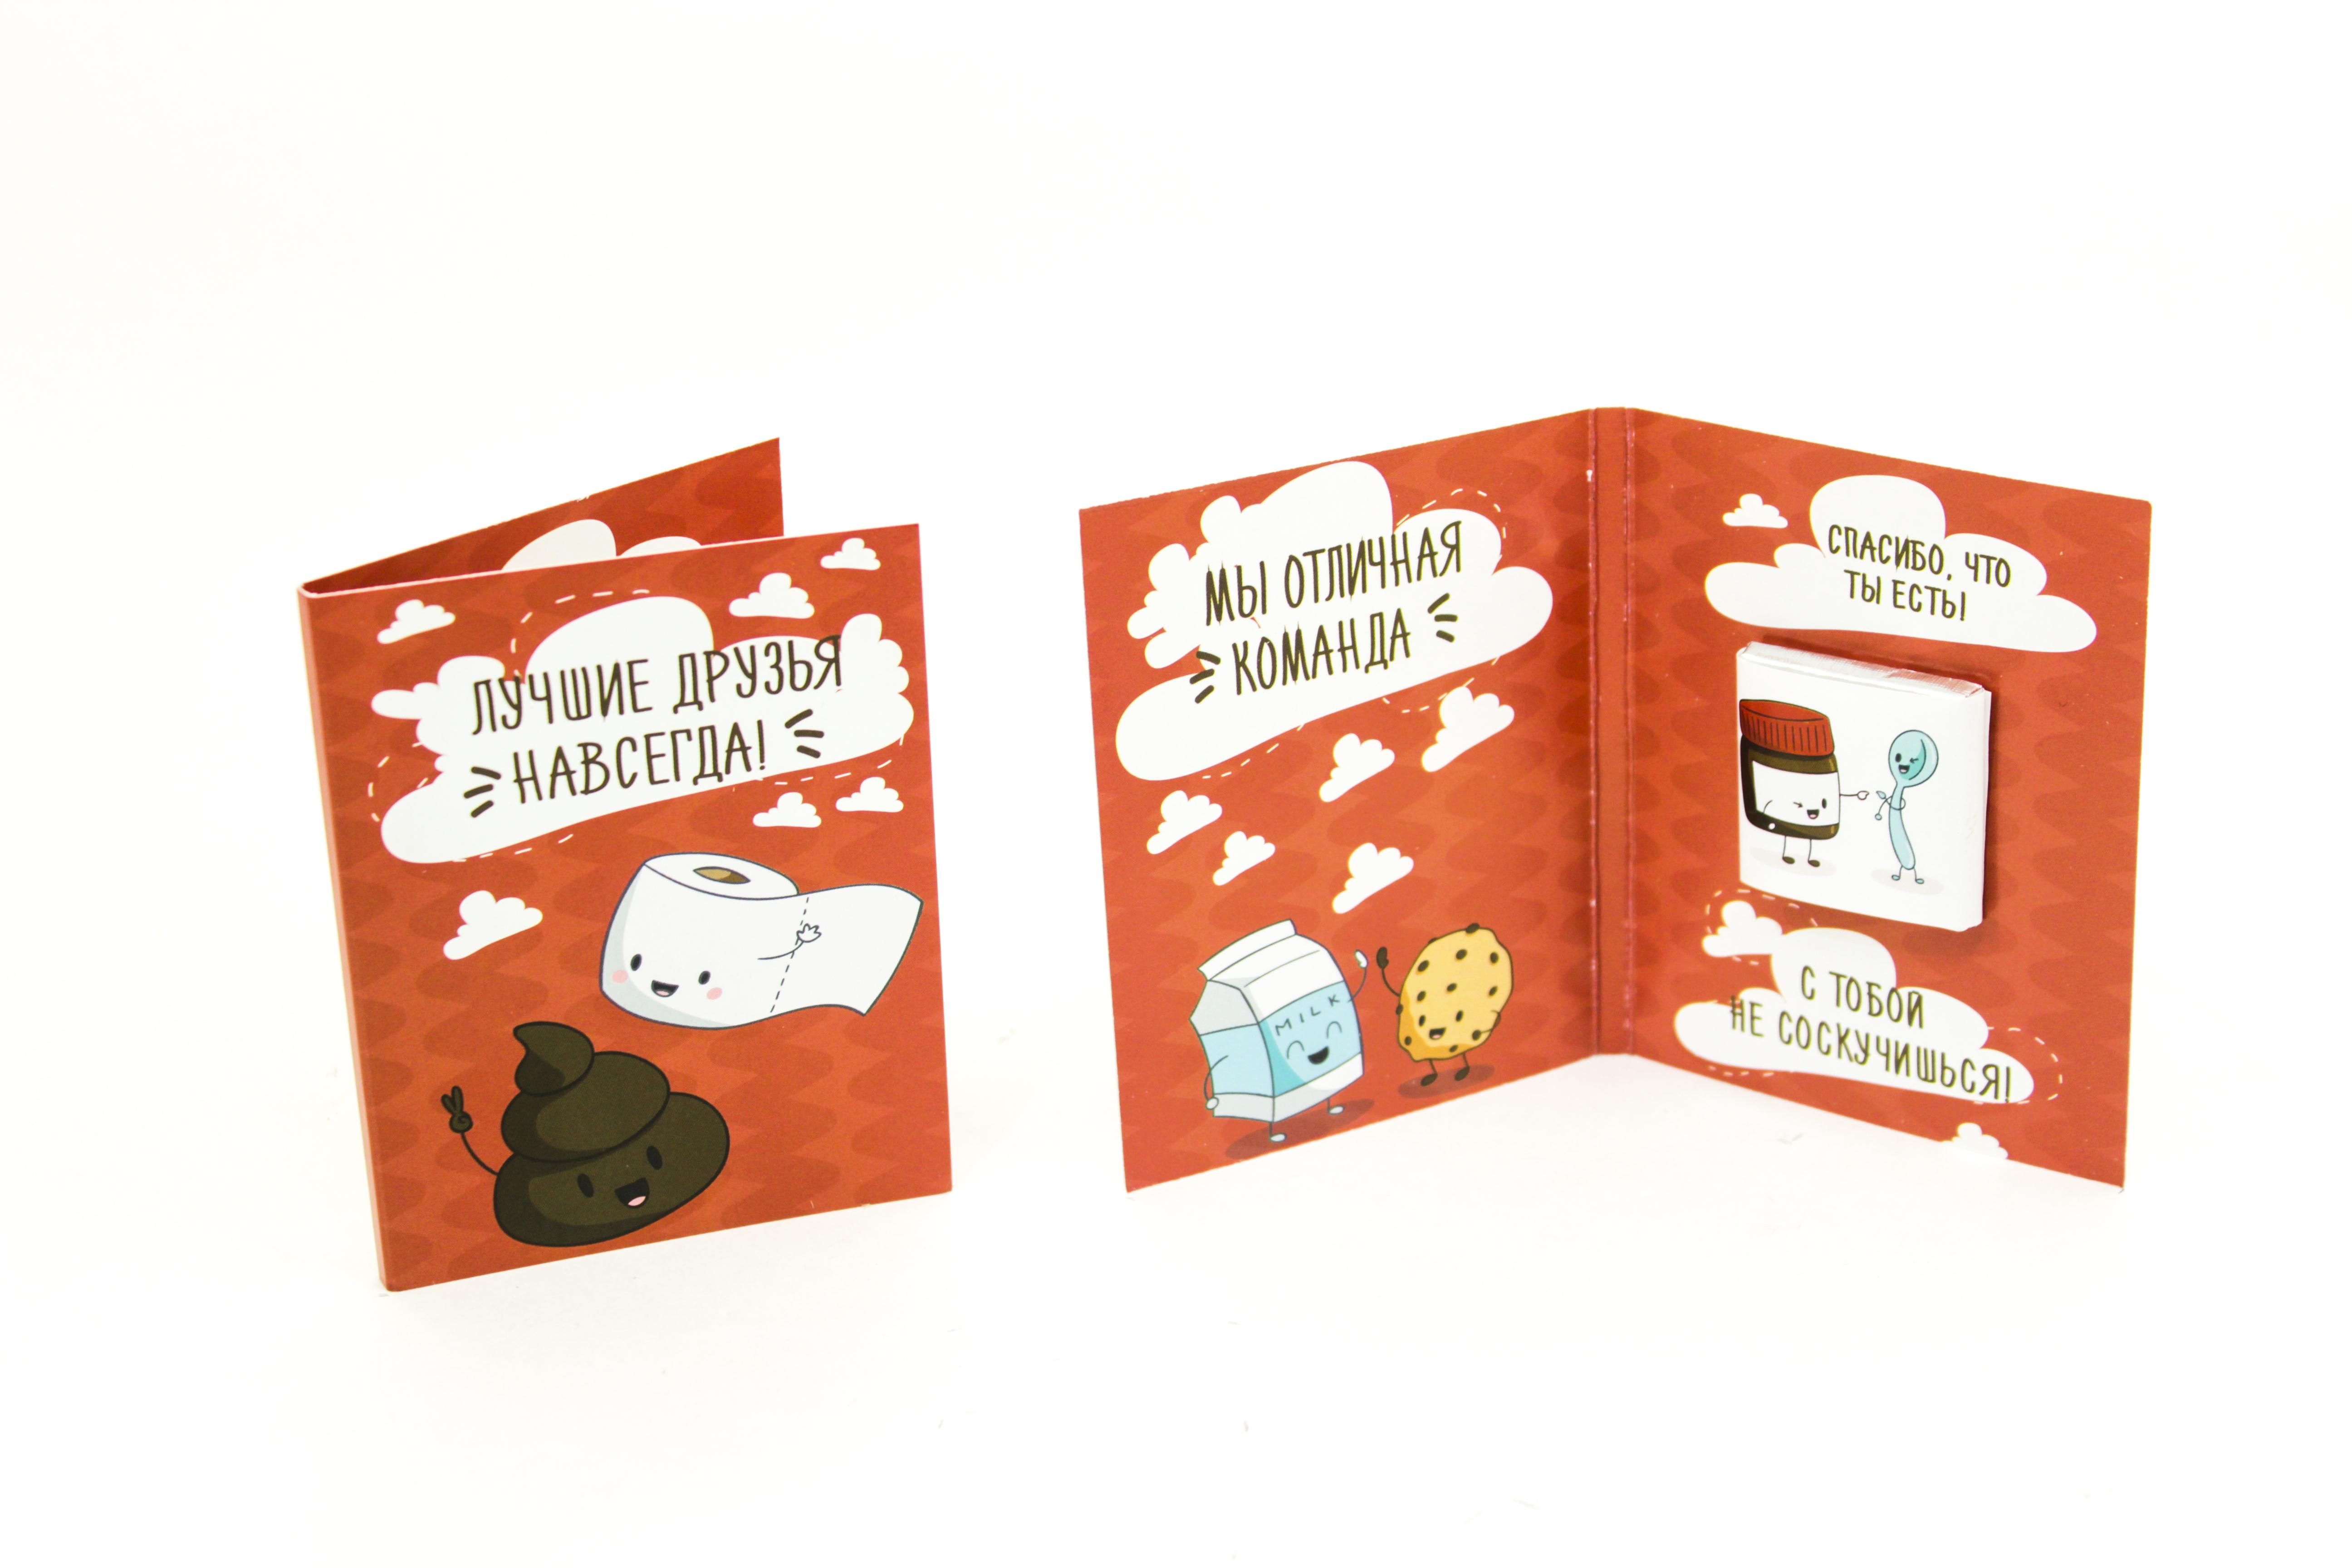 Открытка с шоколадом внутри, картинки карточных